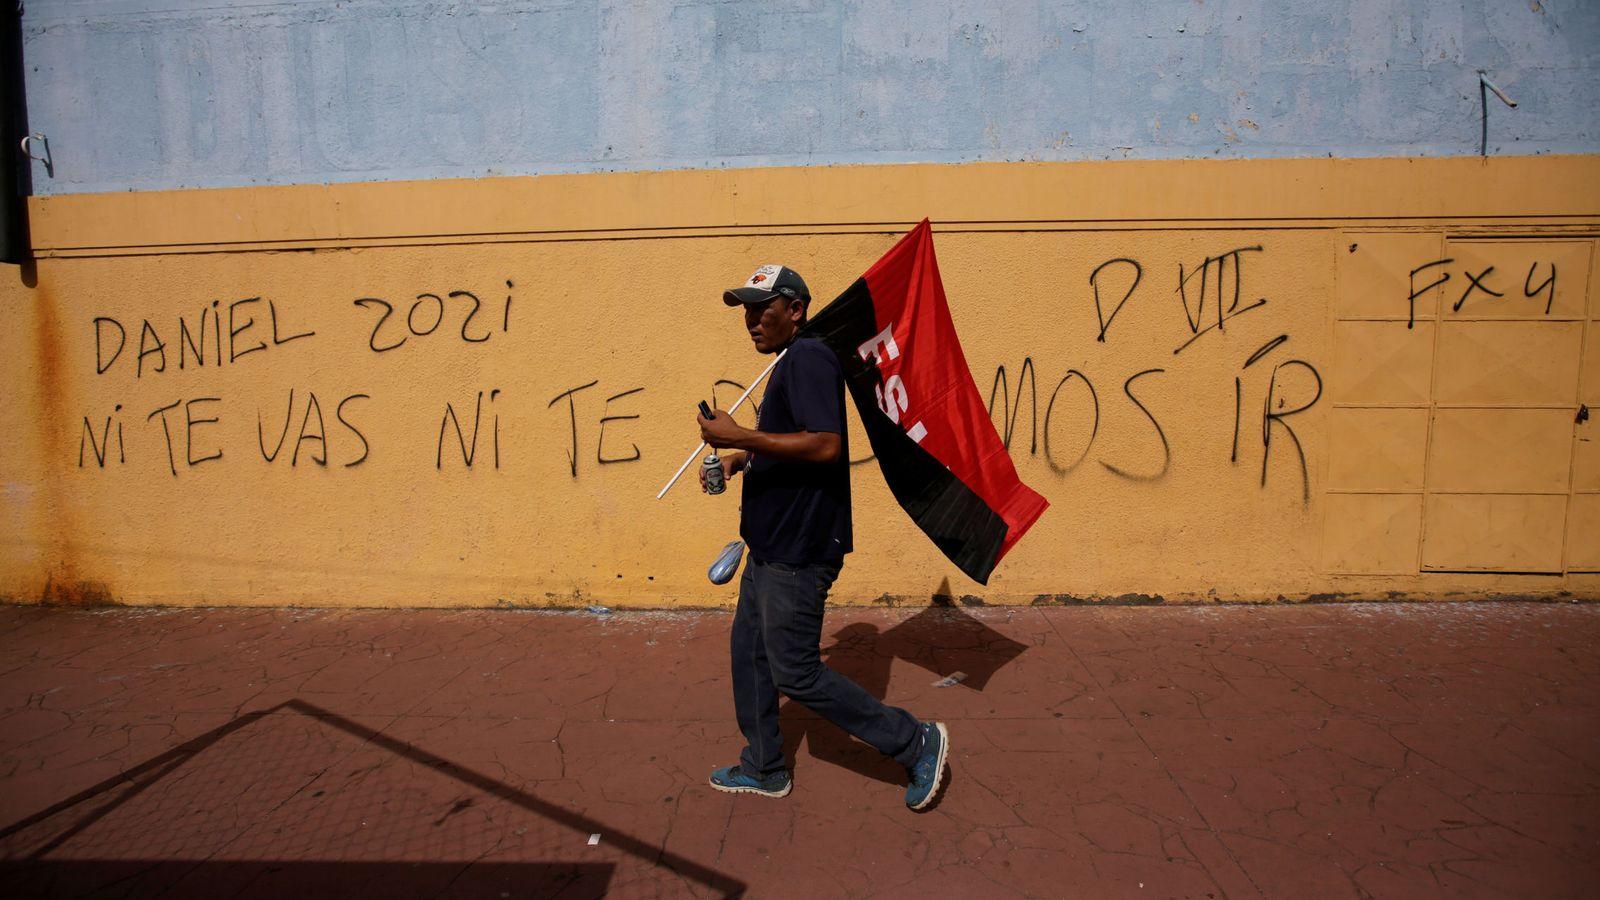 Foto: Un partidario de Daniel Ortega se dirige a una celebración del 39º aniversario de la Revolución Sandinista en Managua, el 19 de julio de 2018. (Reuters)